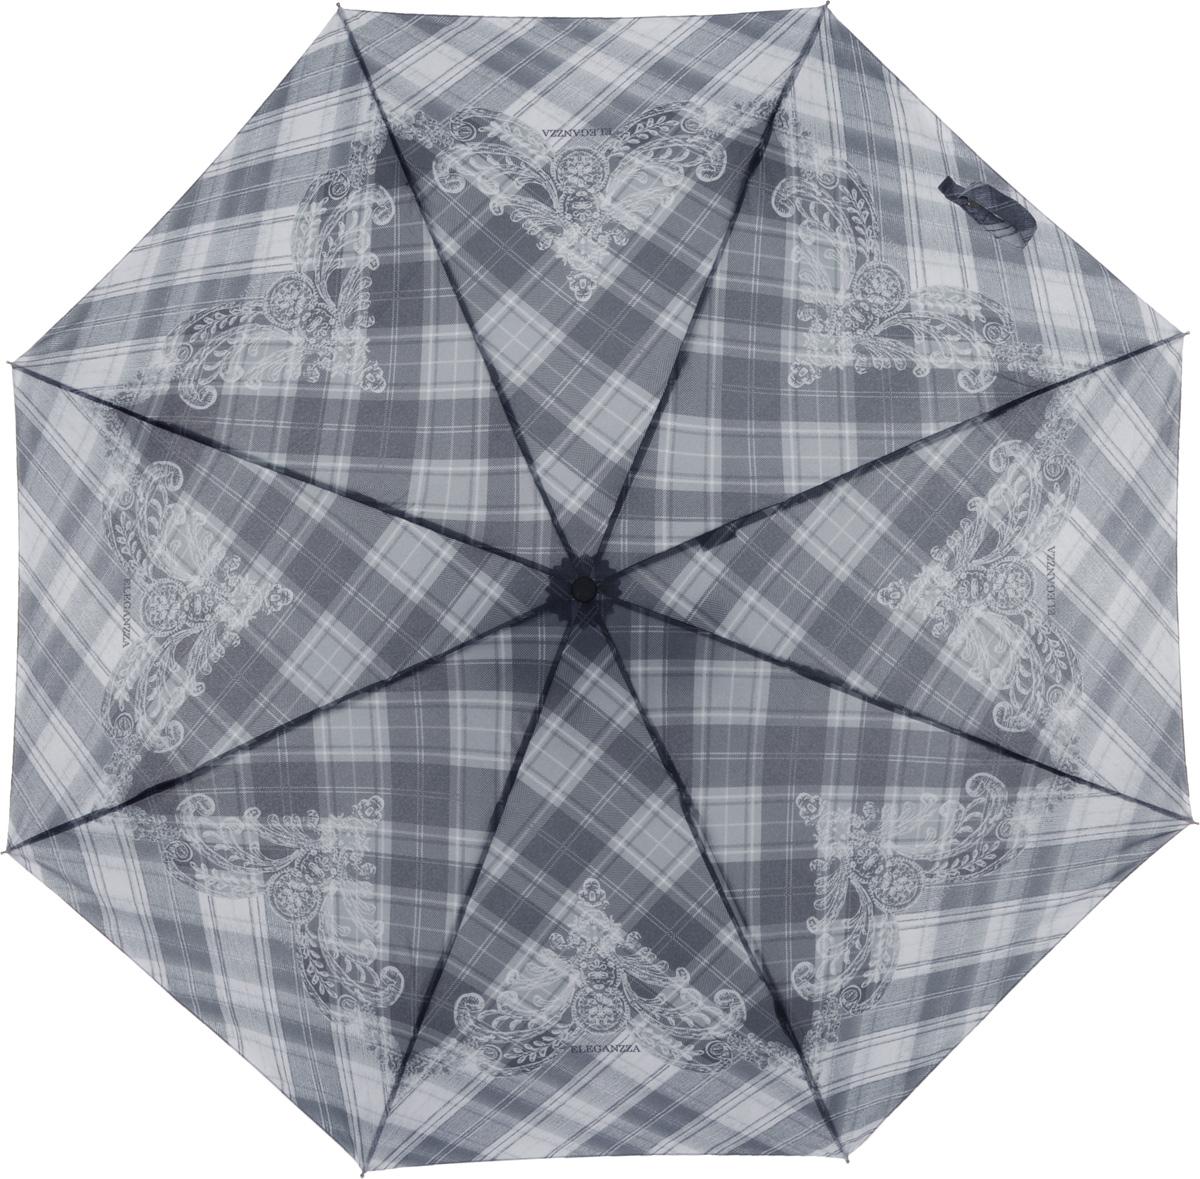 Зонт женский Eleganzza, автомат, 3 сложения, цвет: черный. A3-05-0279LSA3-05-0279LSЖенский зонт-автомат торговой марки ELEGANZZA с каркасом Smart, который позволяет без особых усилий складывать зонт, не позволяя стержню вылетать обратно. Купол: 100% полиэстер, эпонж. Материал каркаса: сталь + алюминий + фибергласс. Материал ручки: пластик. Длина изделия - 30 см. Диаметр купола - 105 см. Система Smart, не позволяет стержню при сложении вылететь обратно, это облегчает сложение зонта! При сложении есть характерный звук-треск, как трещетка. Примечание: зонт не откроется с кнопки если его не закрыть до щелчка!